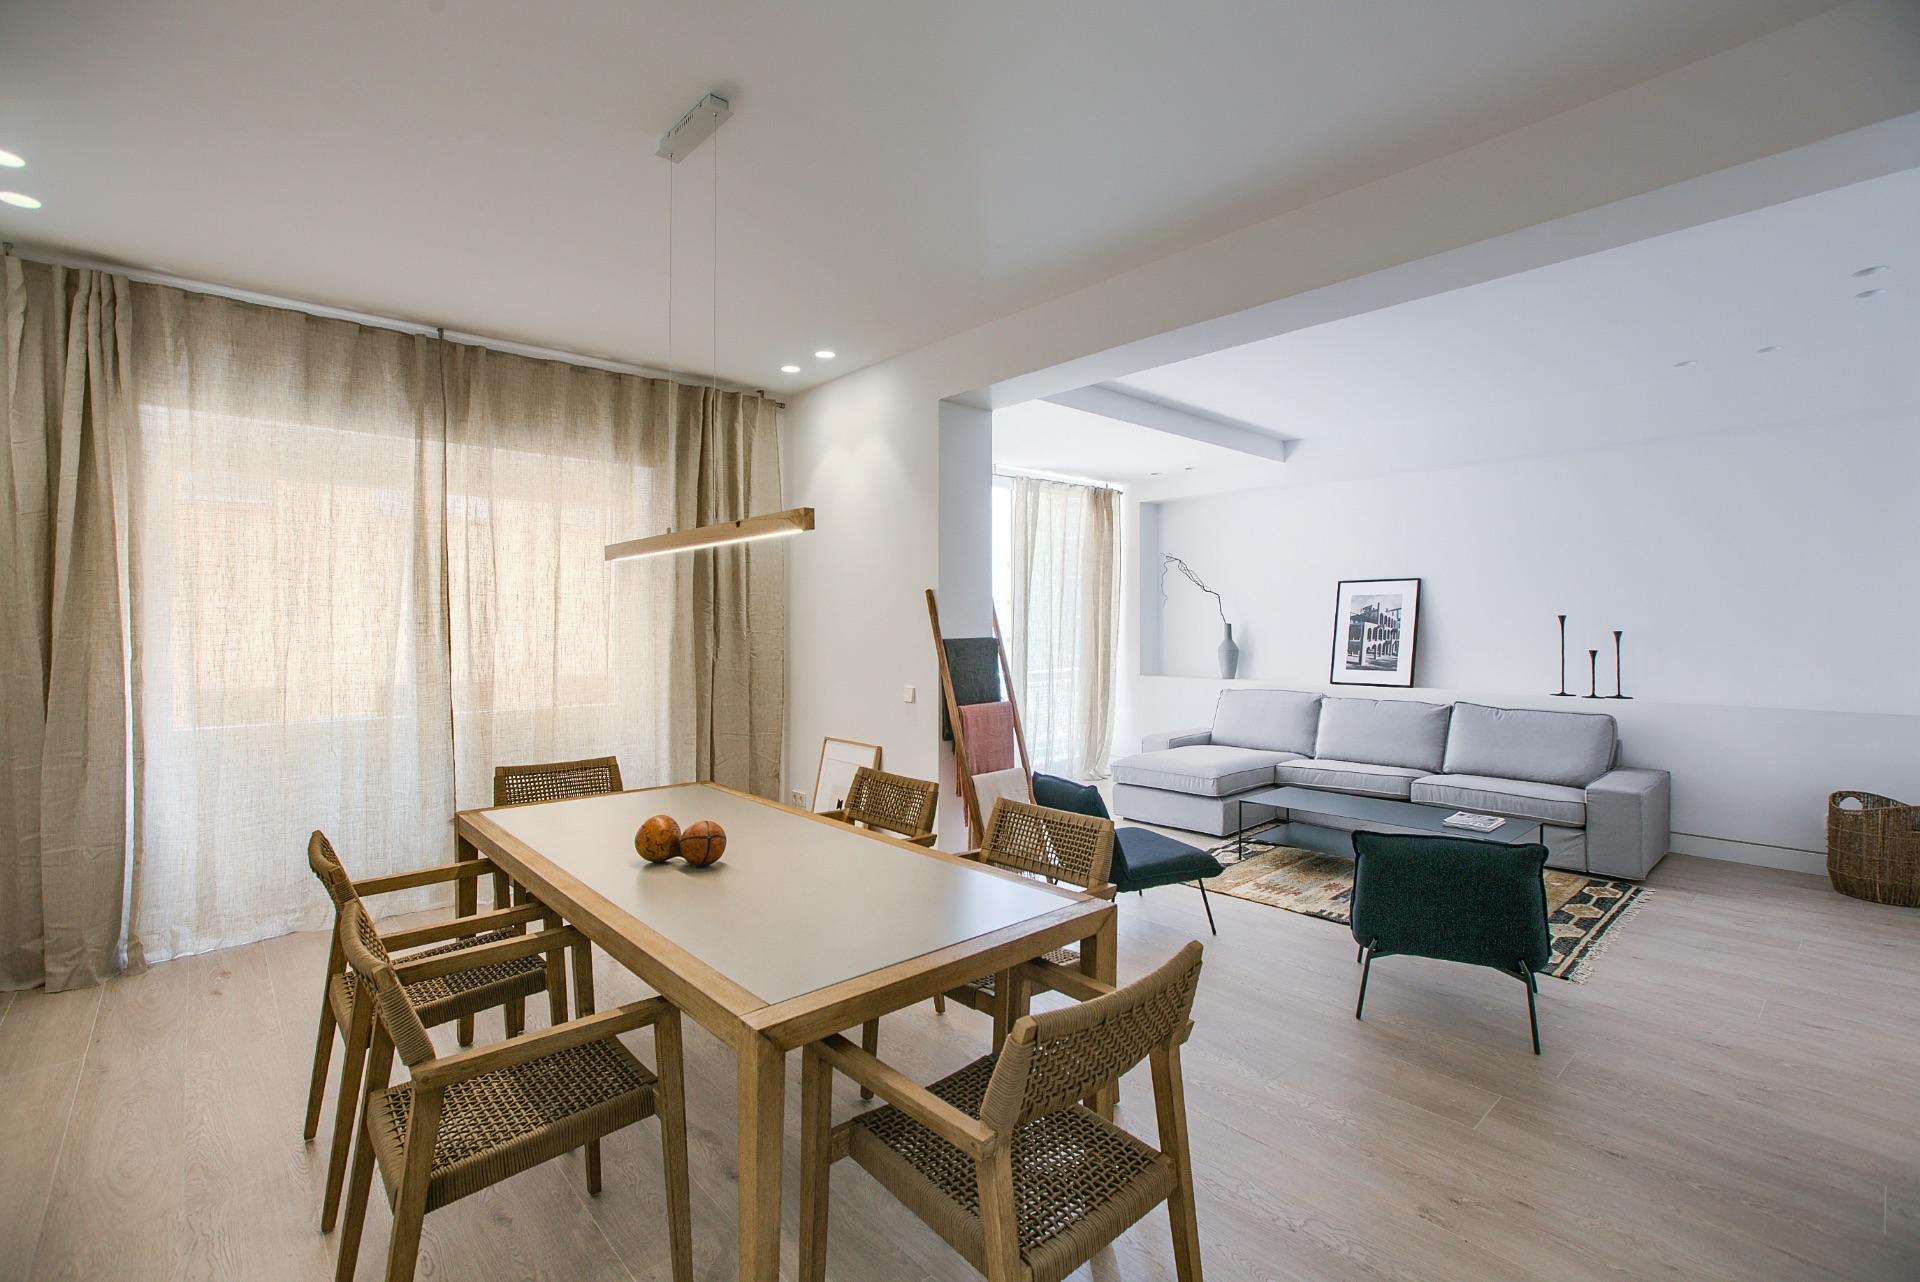 Lejlighed i Madrid, salg